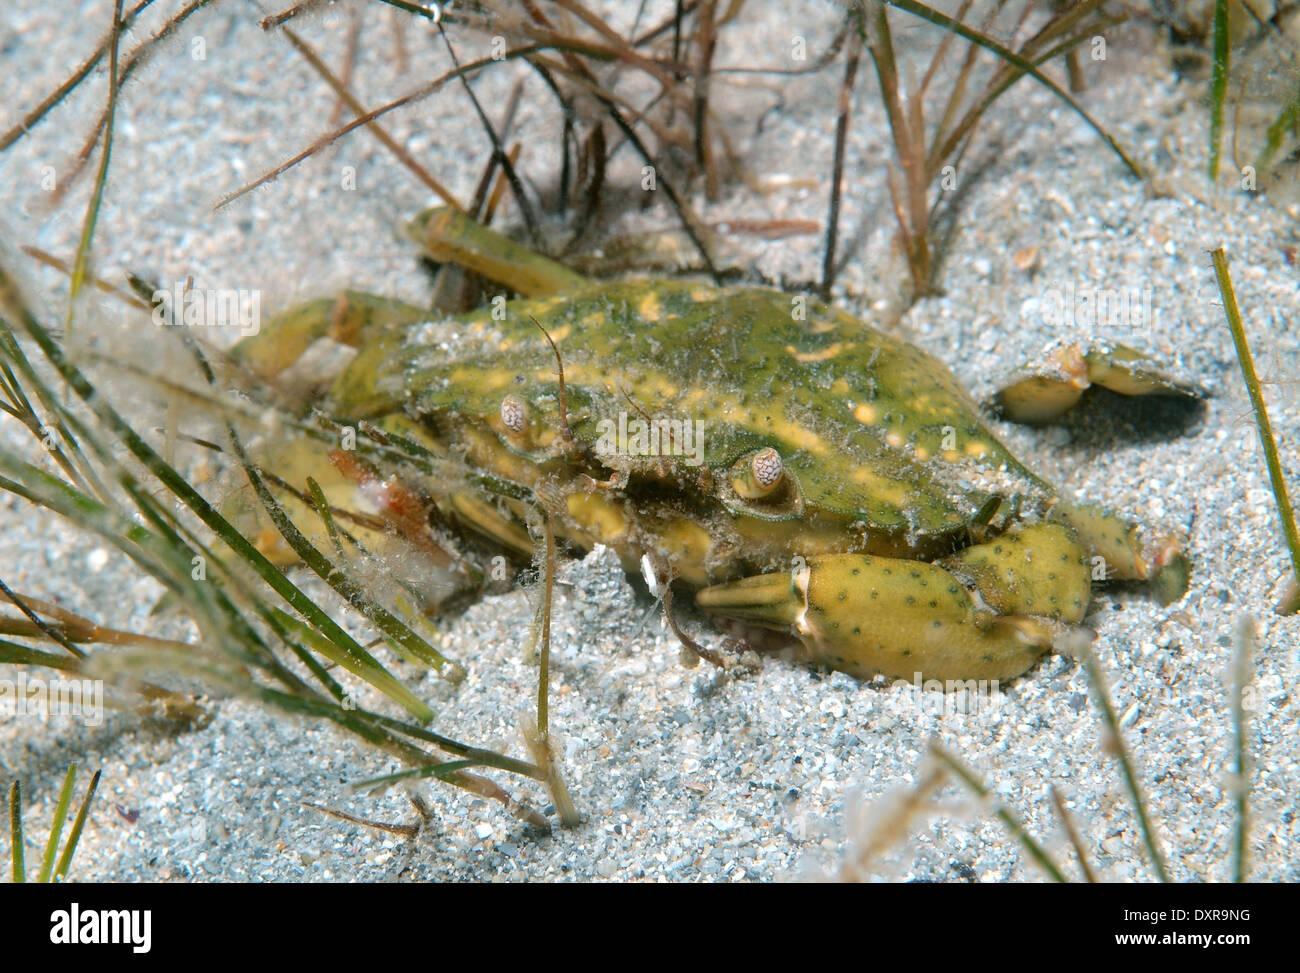 Le crabe vert ou crabe Carcinus aestuarii (littoral), la mer Noire, la Crimée, la Russie Photo Stock